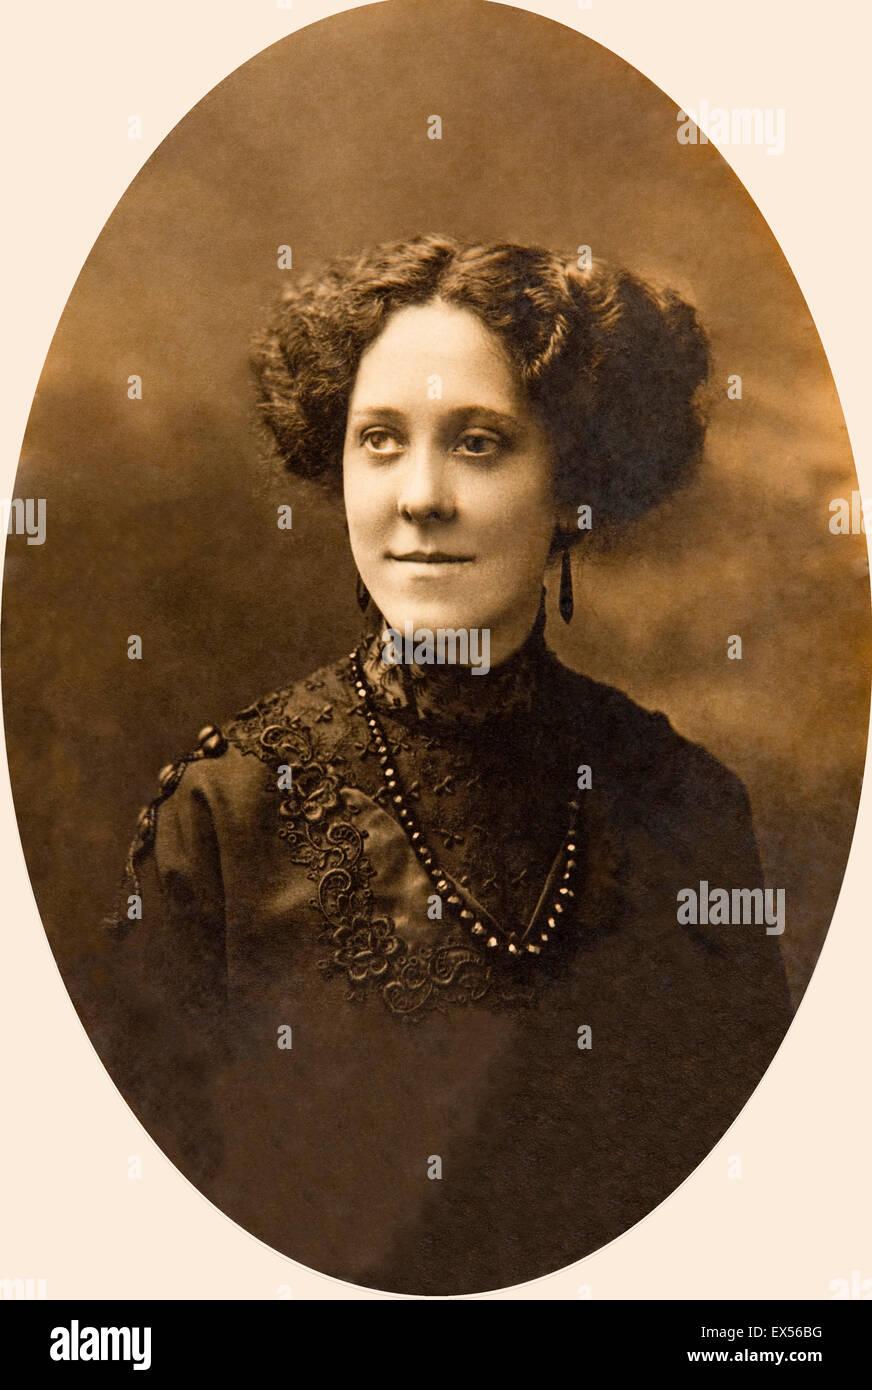 Late Victorian ritratto di donna elegante in nero ricamato abito e collana a getto, con prominenti jawline Immagini Stock